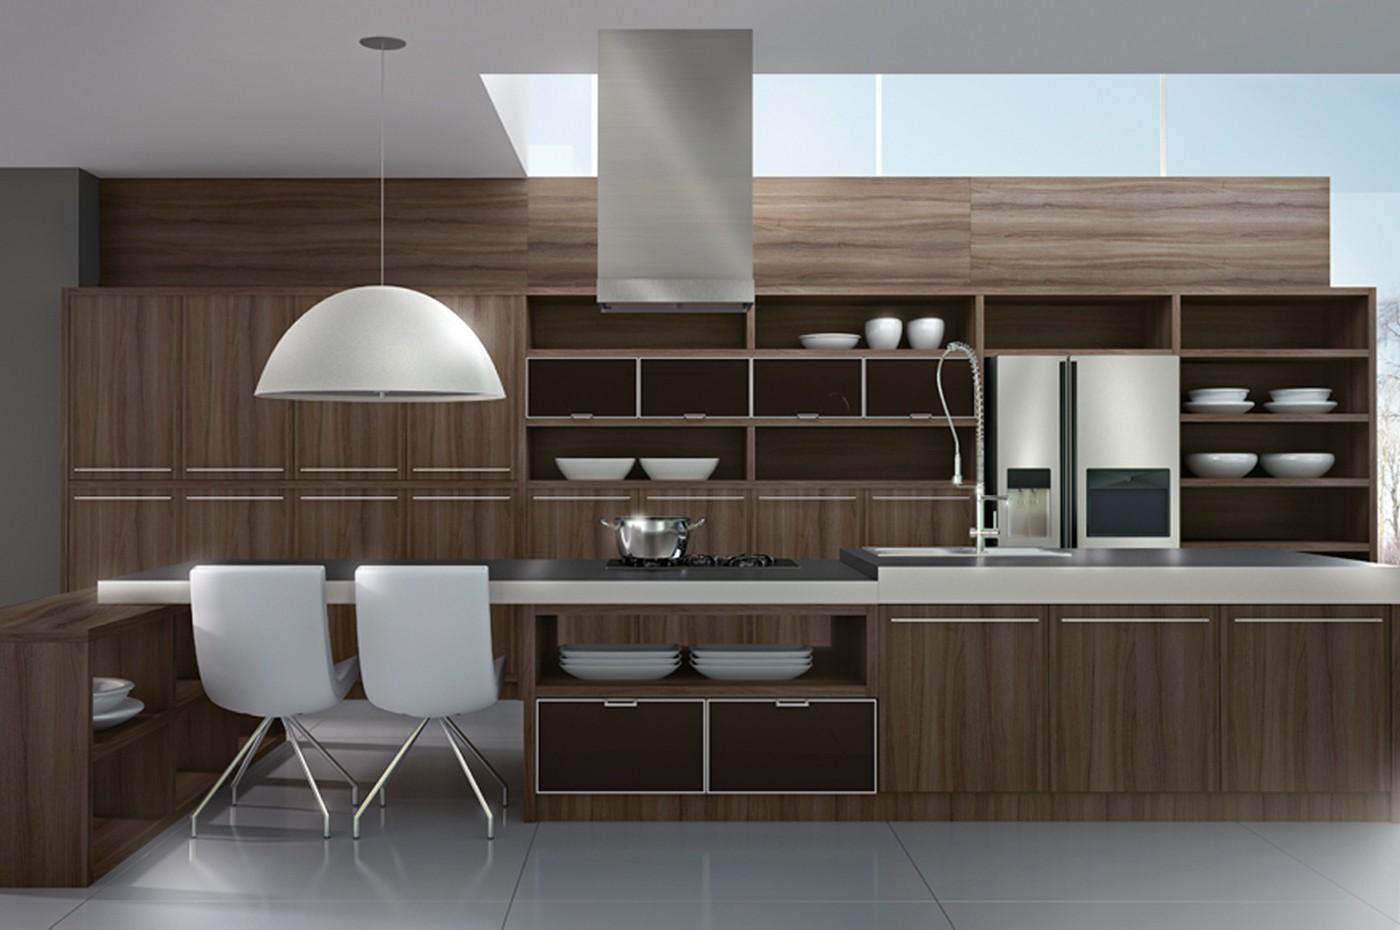 Cozinha em Laudas: Cozinhas Modernas [Modern kitchens] #393027 1400 930